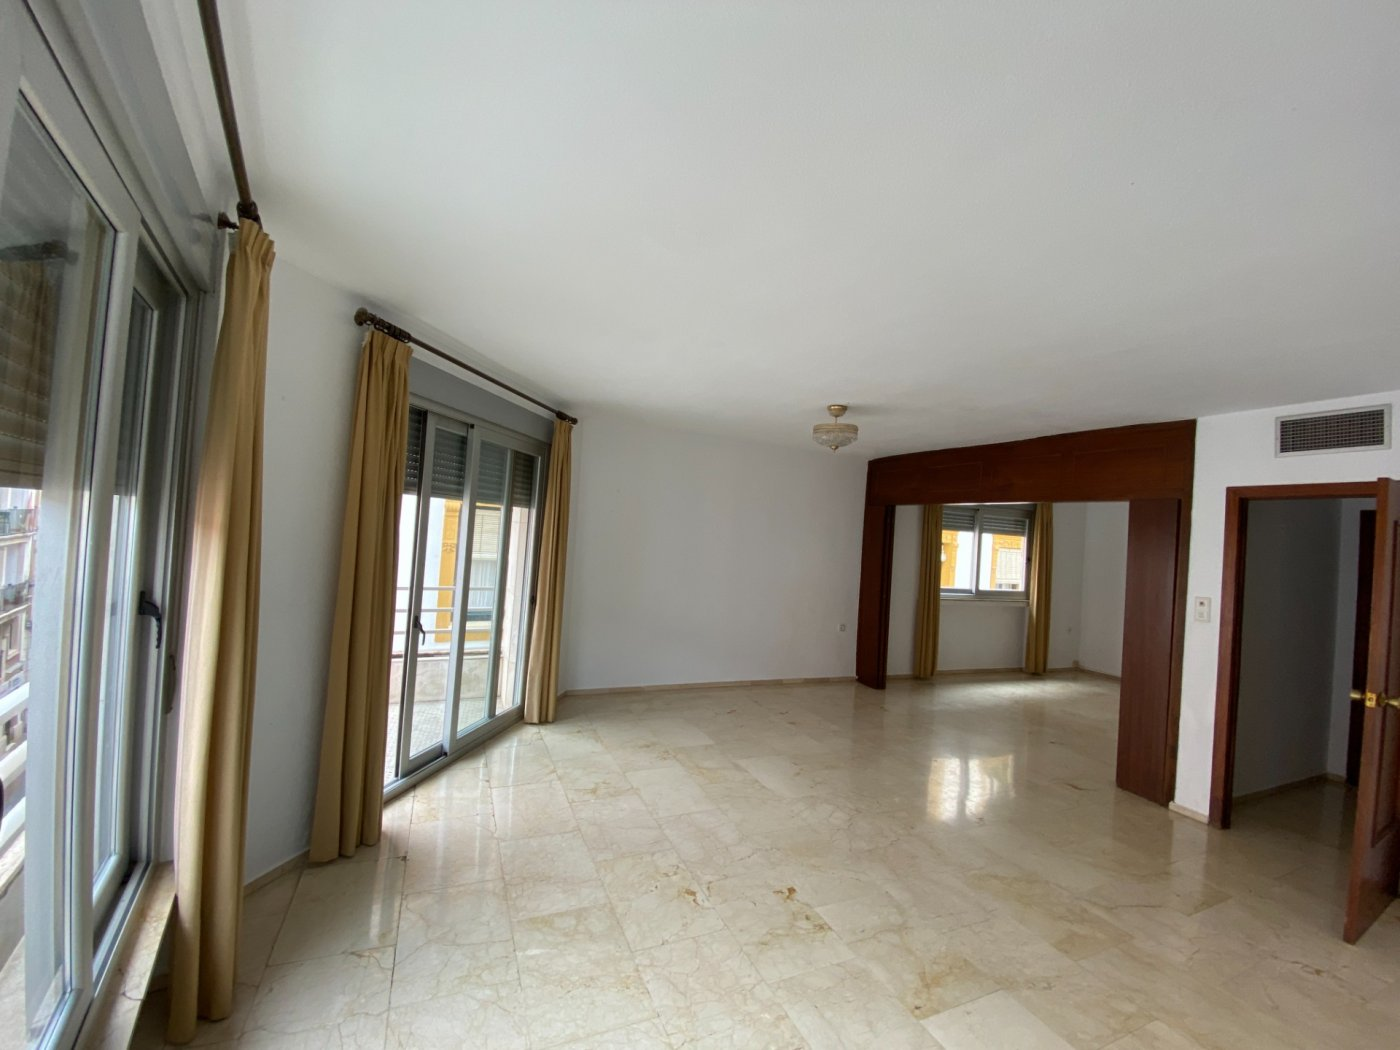 Gran piso en pleno centro exterior junto a la plaza de las tendillas - imagenInmueble0